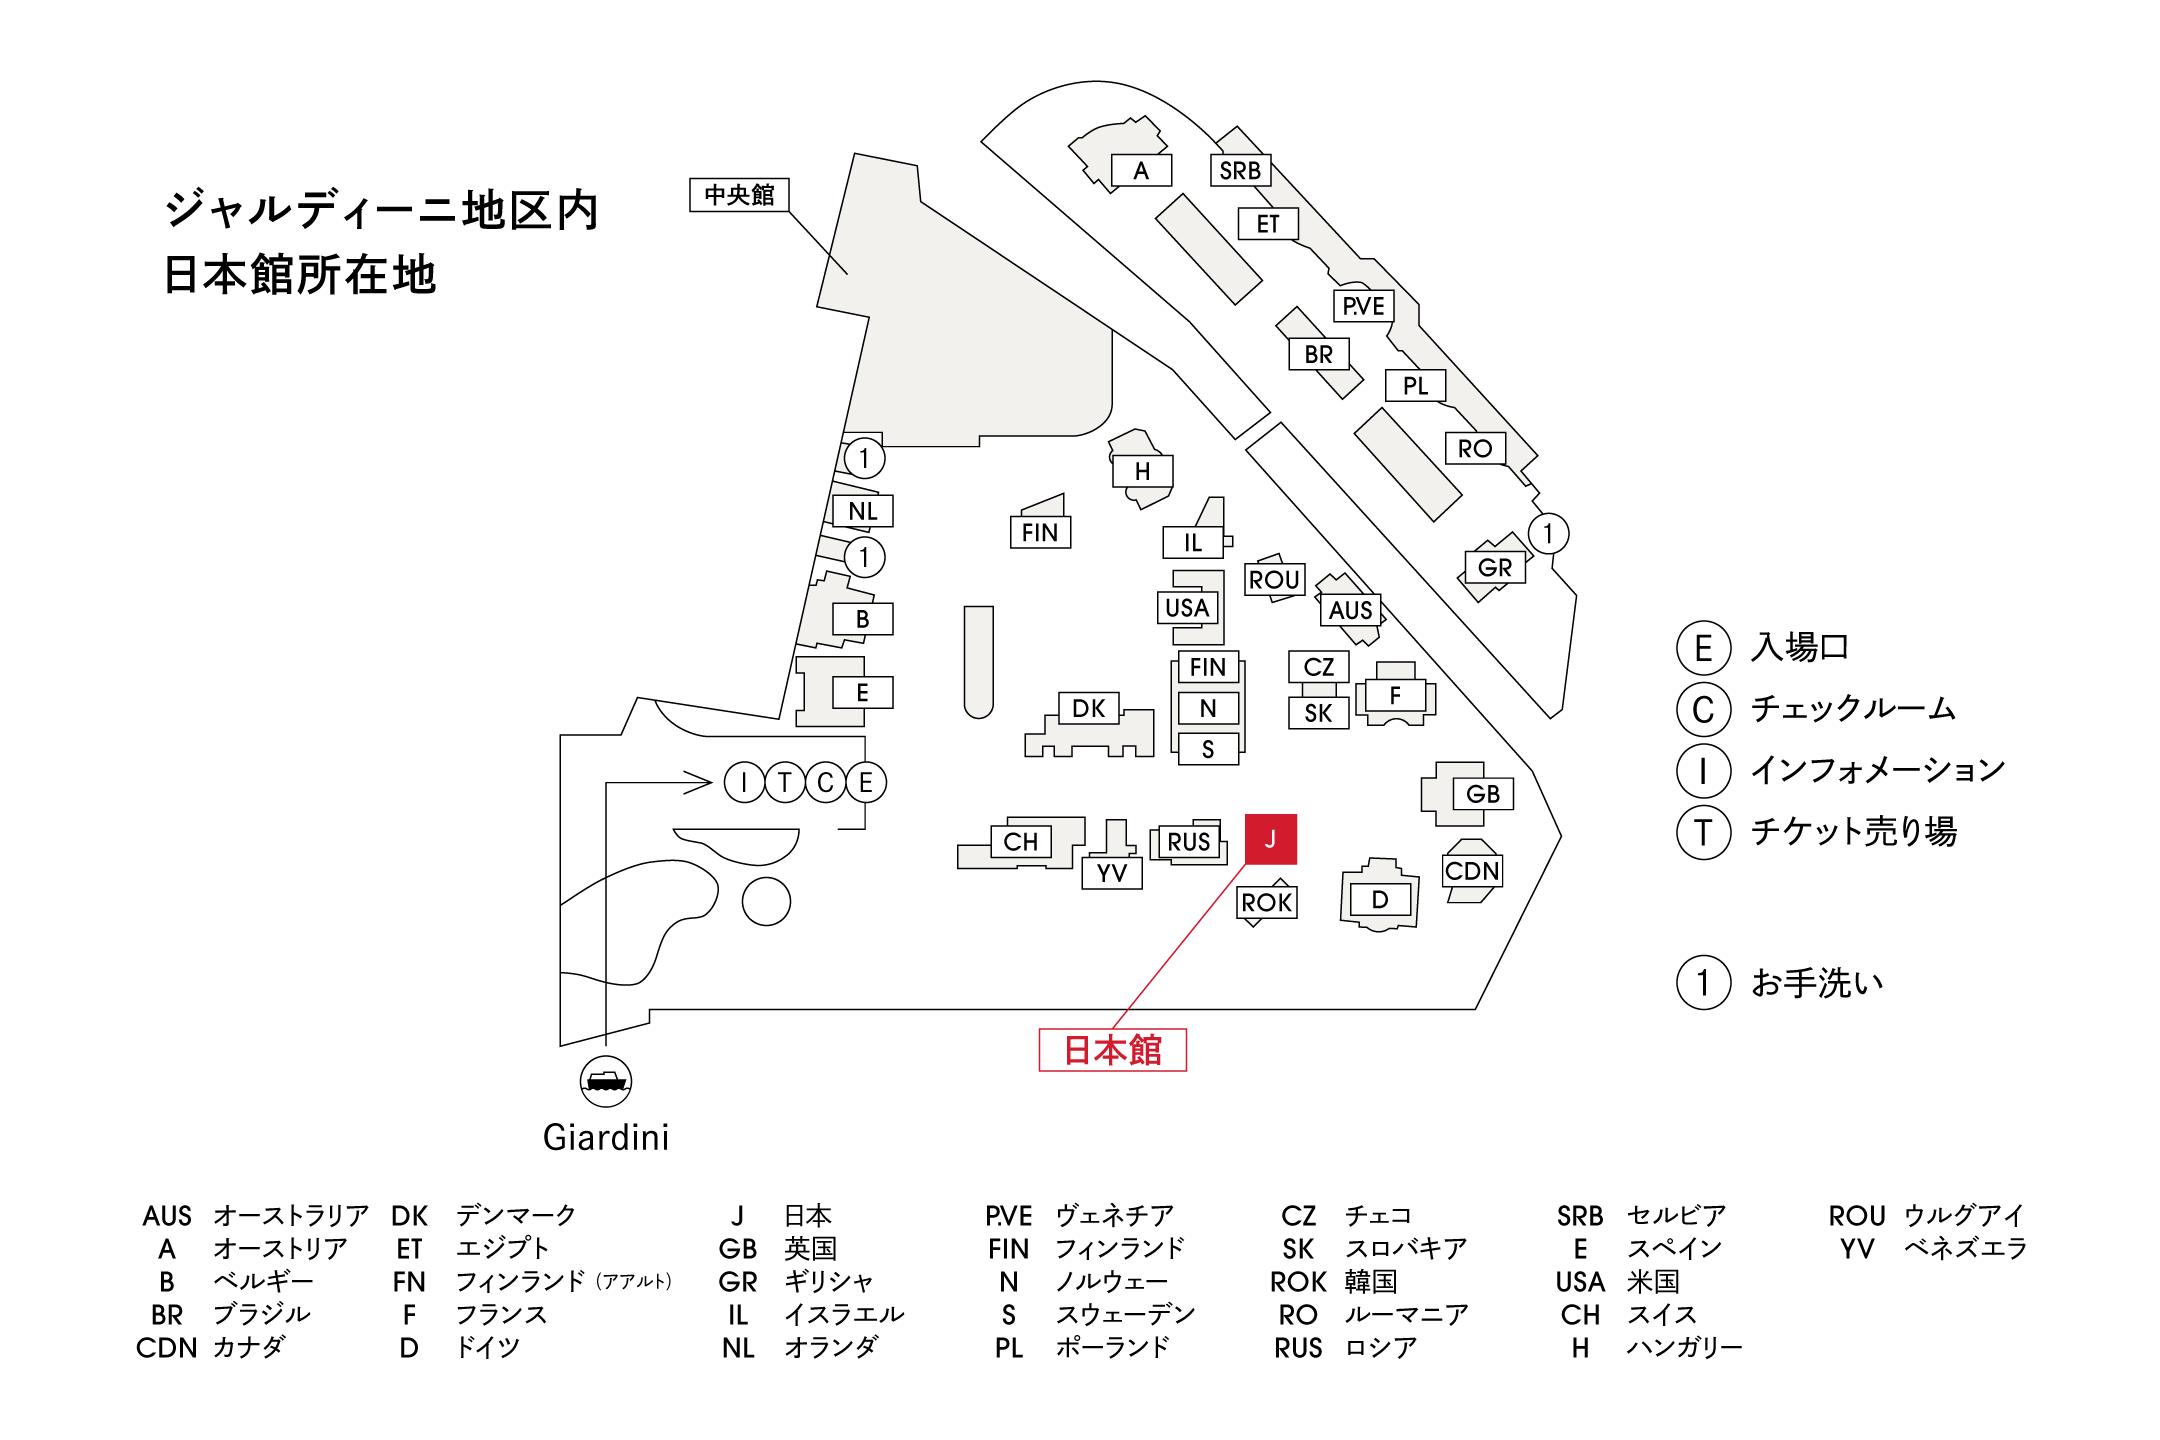 ジャルディーニ地区内 日本館所在地